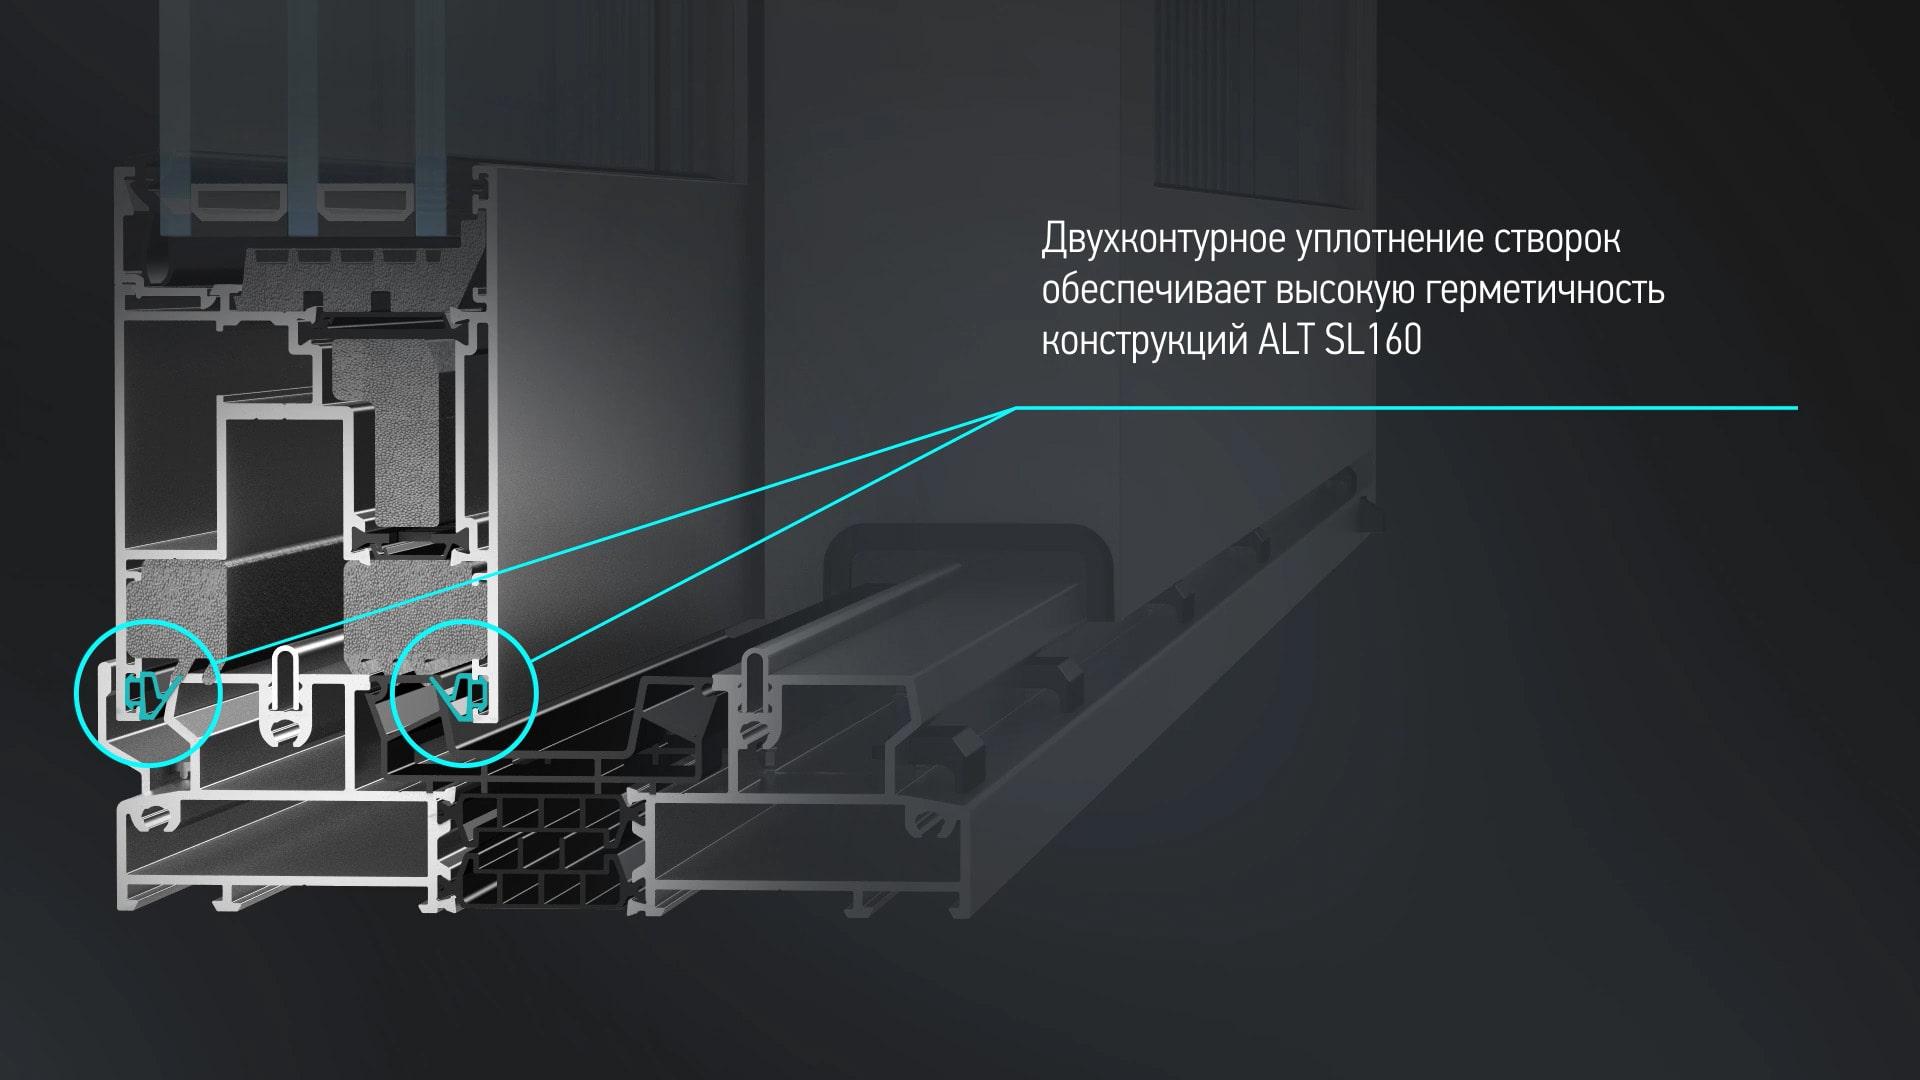 Двухконтурное уплотнение профиля ALT SL160